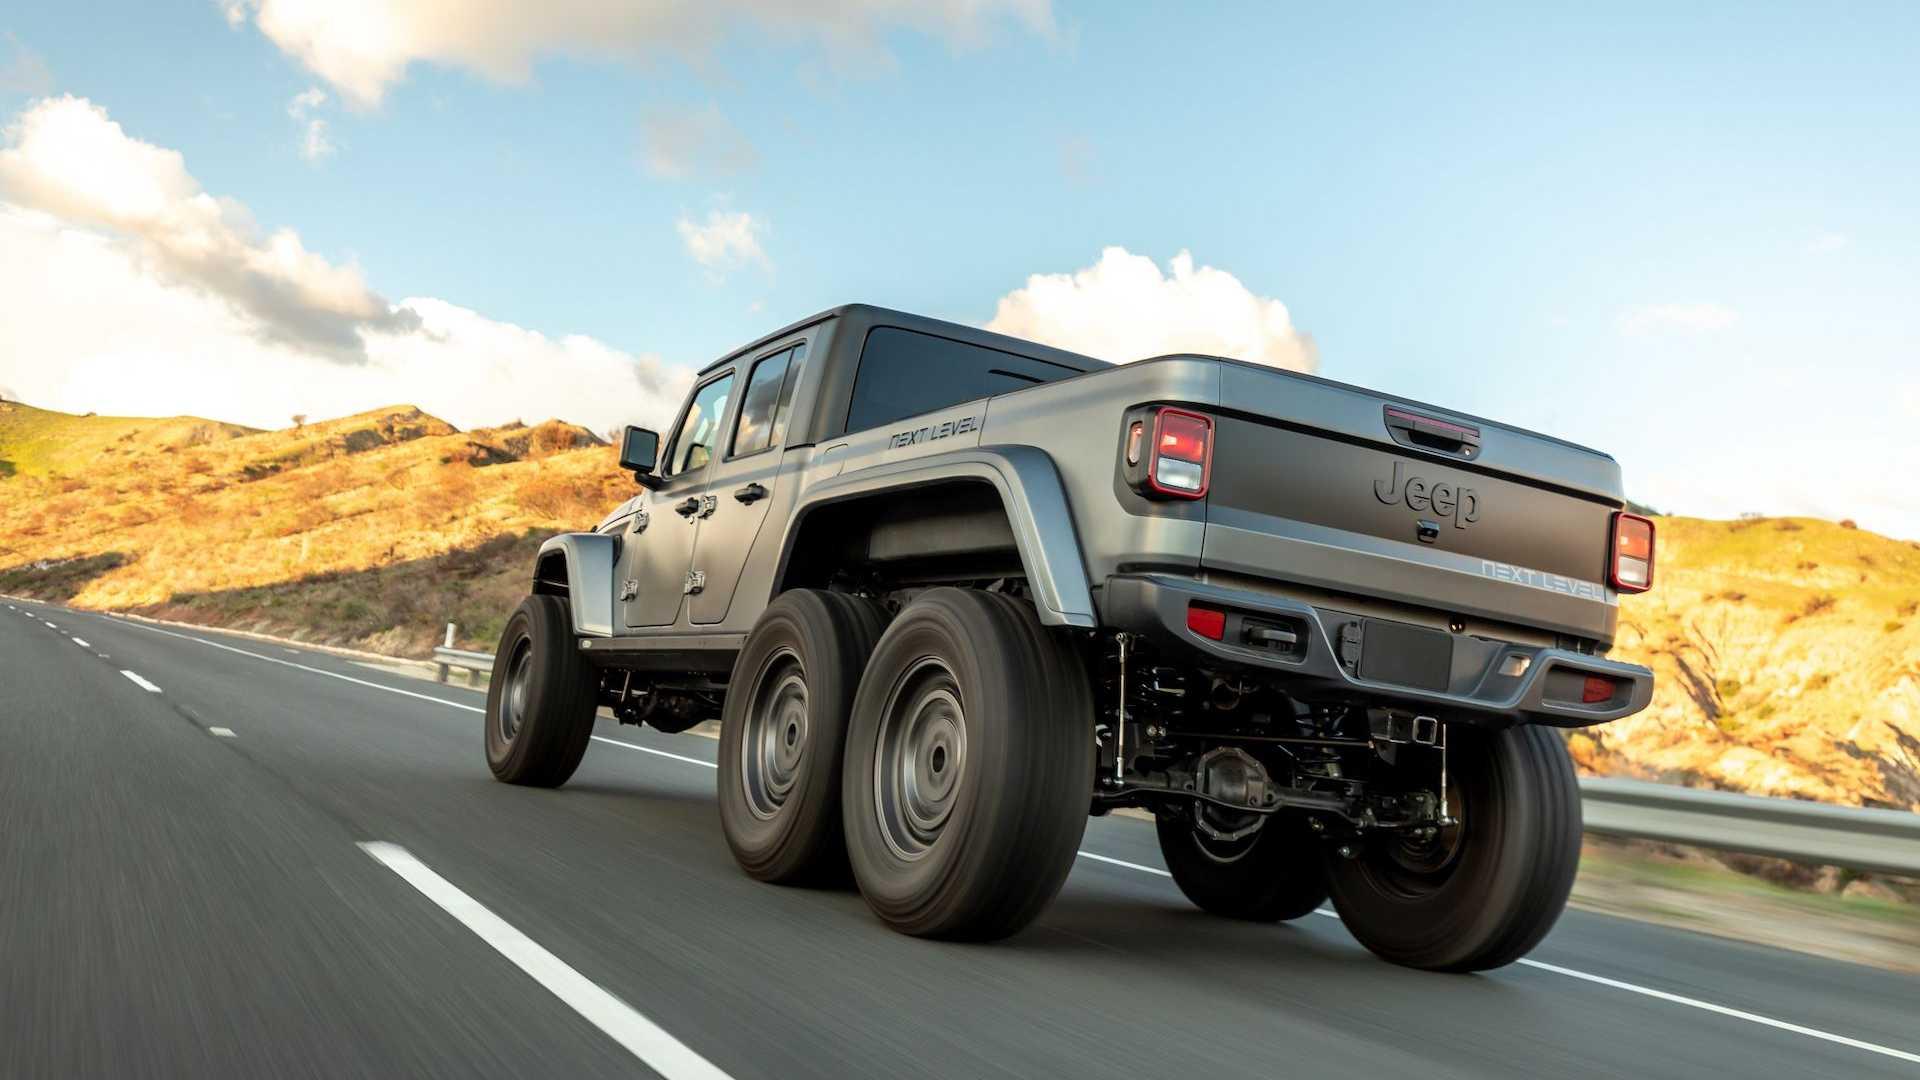 Jeep-Gladiator-6x6-by-Next-Level-3